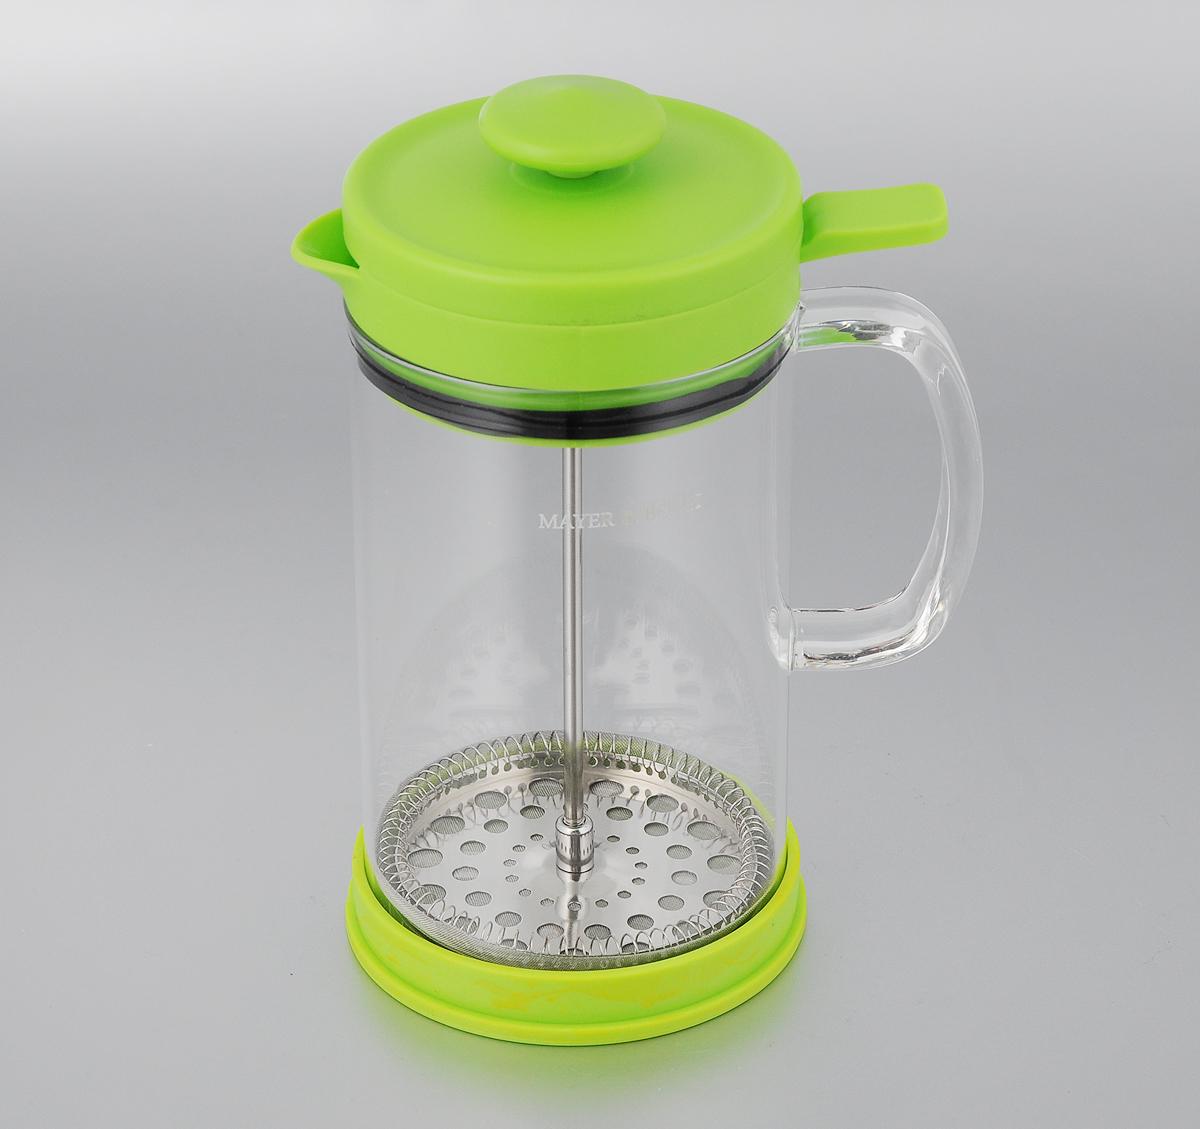 """Френч-пресс """"Mayer & Boch"""" позволит быстро и просто приготовить свежий и  ароматный кофе или чай. Цветовая гамма подойдет даже для самого яркого интерьера. Френч-пресс  изготовлен из высокотехнологичных материалов на современном оборудовании: - корпус изготовлен из высококачественного жаропрочного стекла, устойчивого  к окрашиванию и царапинам; - фильтр-поршень из нержавеющей стали выполнен по технологии """"press-up"""" для  обеспечения равномерной циркуляции воды; - яркая подставка из инертного силикона препятствует скольжению френч- пресса. Практичный и стильный дизайн френч-пресса """"Mayer & Boch"""" полностью  соответствует последним модным тенденциям в создании предметов бытового назначения.  Диаметр (по верхнему краю): 9,5 см. Высота (с учетом крышки): 20 см."""